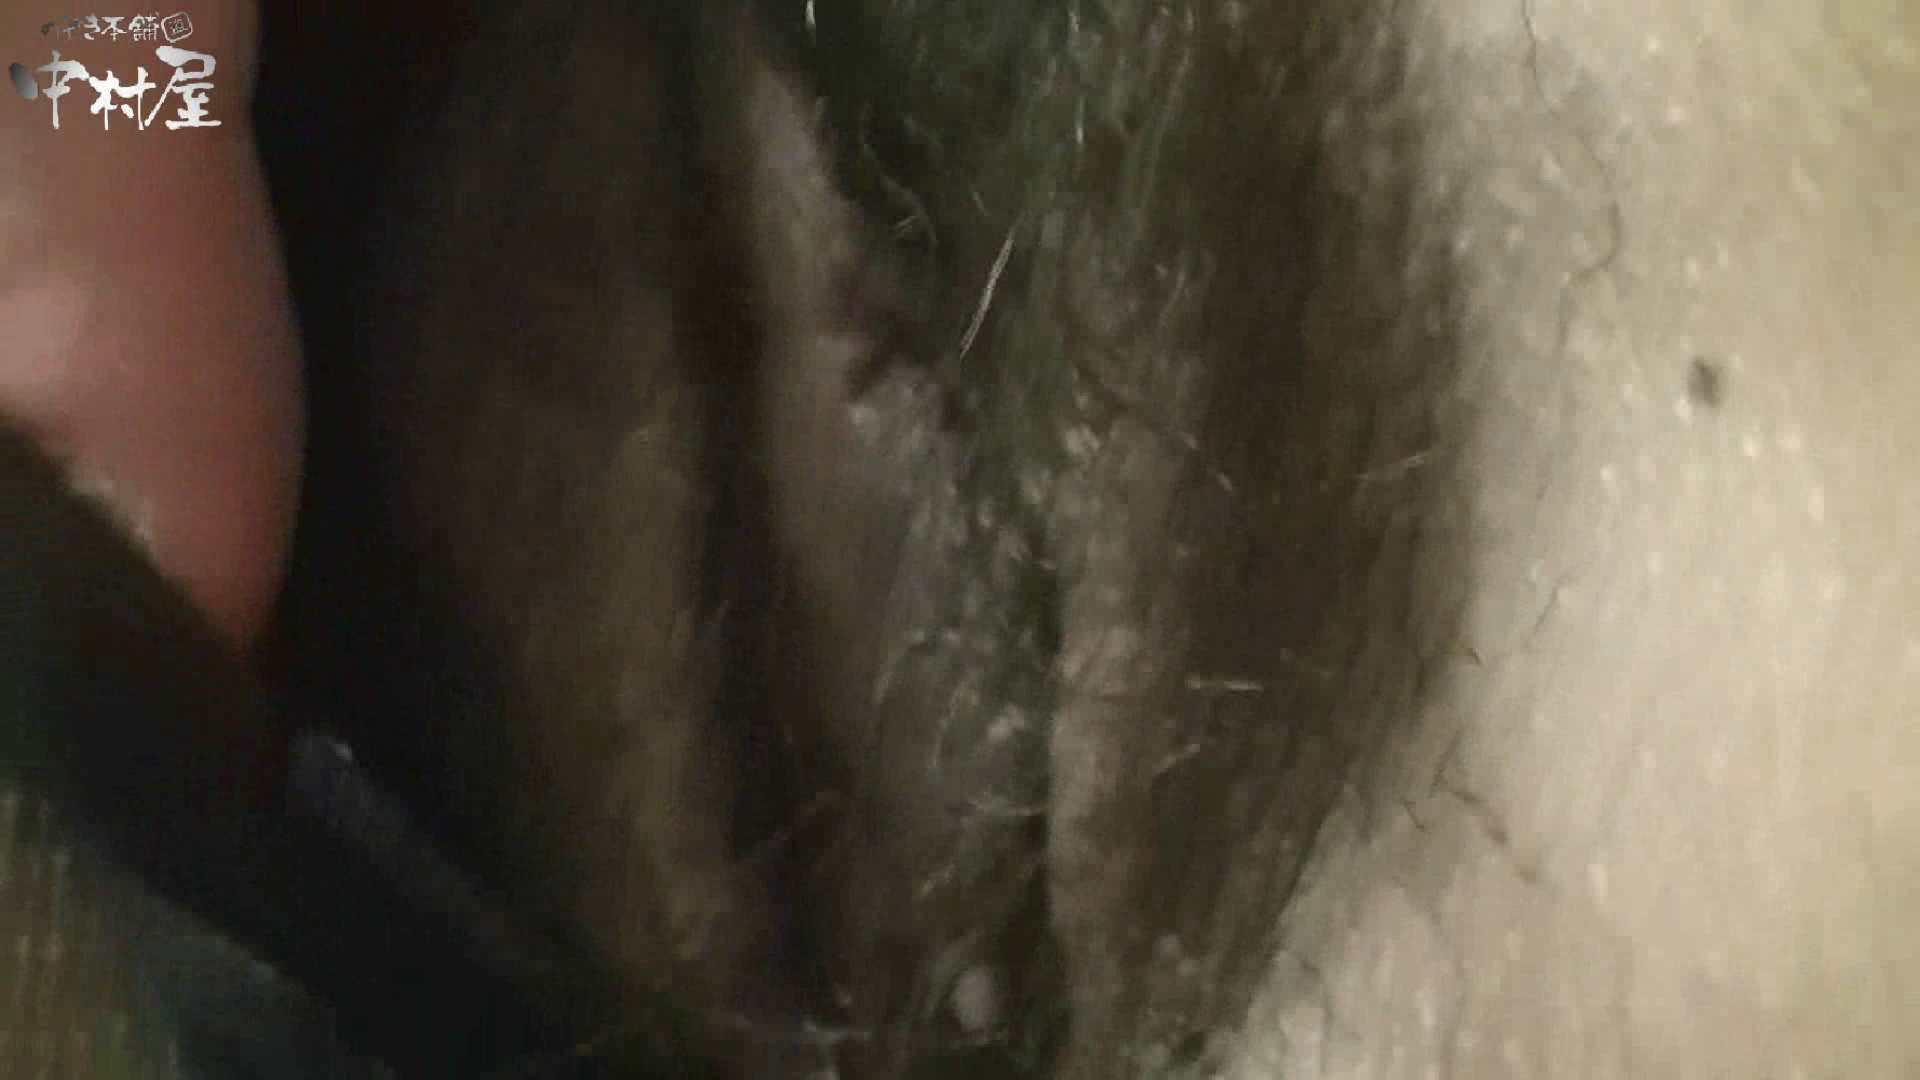 ネムリ姫 vol.16 車でエッチ AV動画キャプチャ 10枚 3